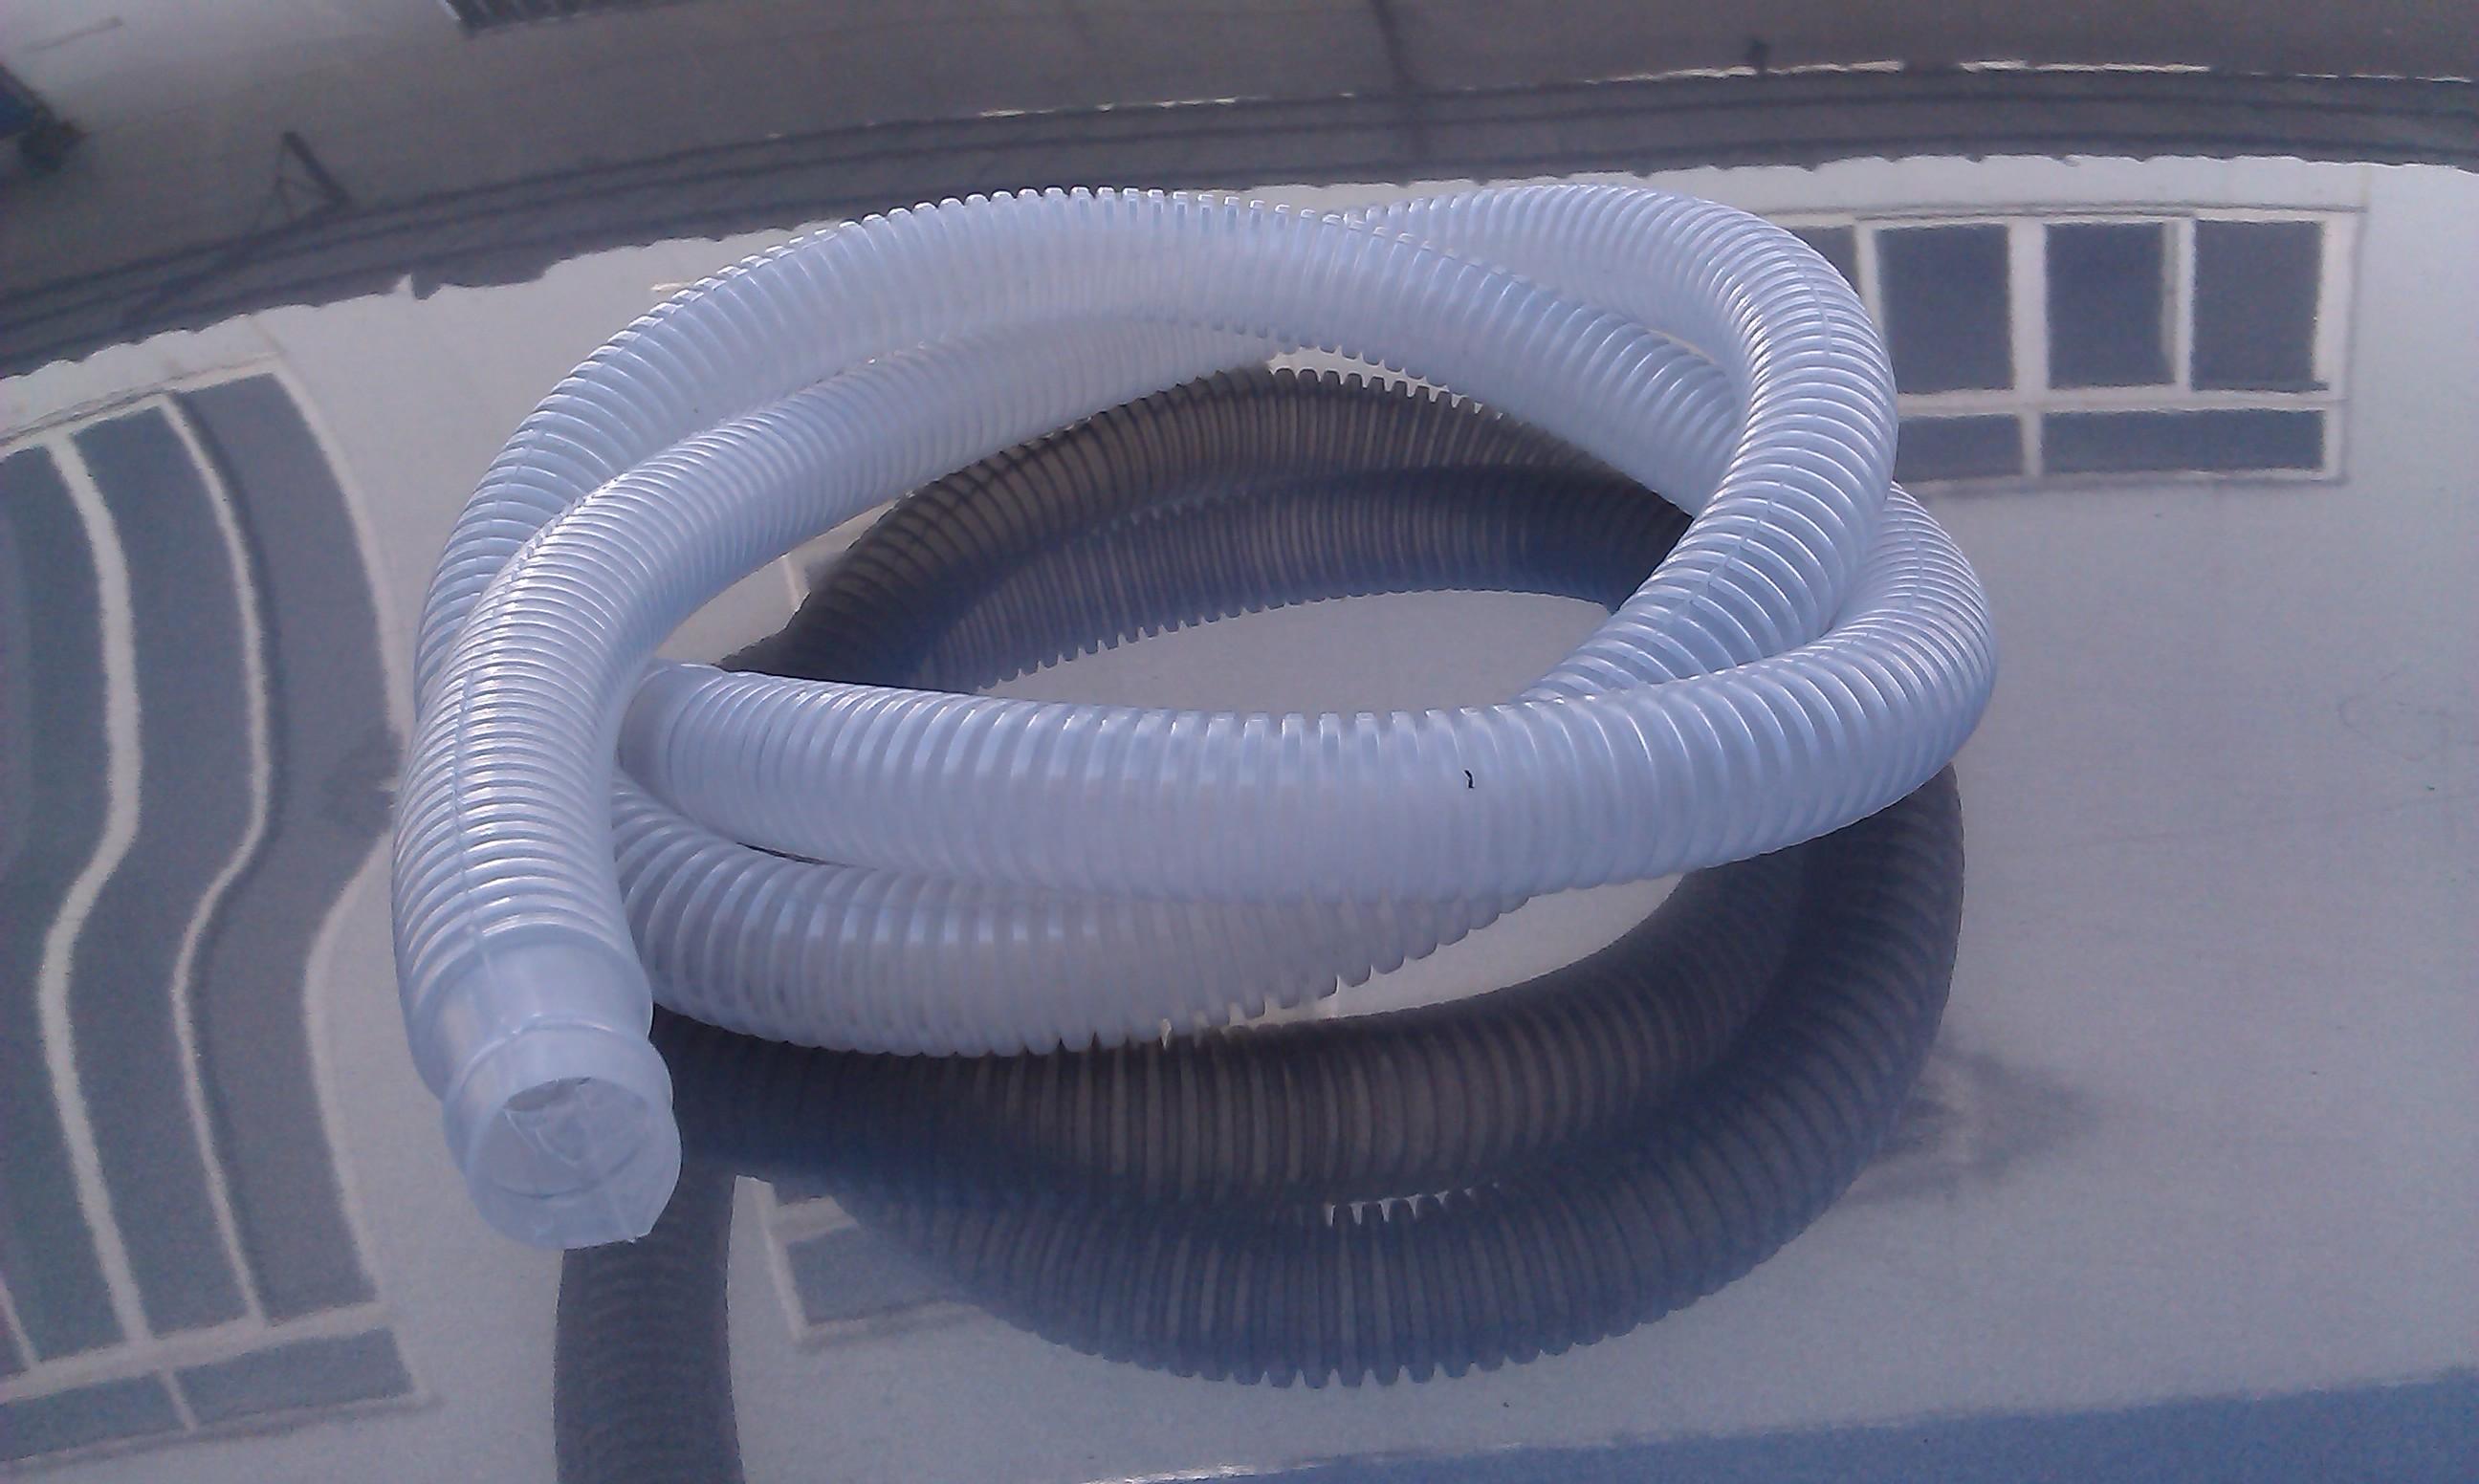 供应空调排水管厂家直销